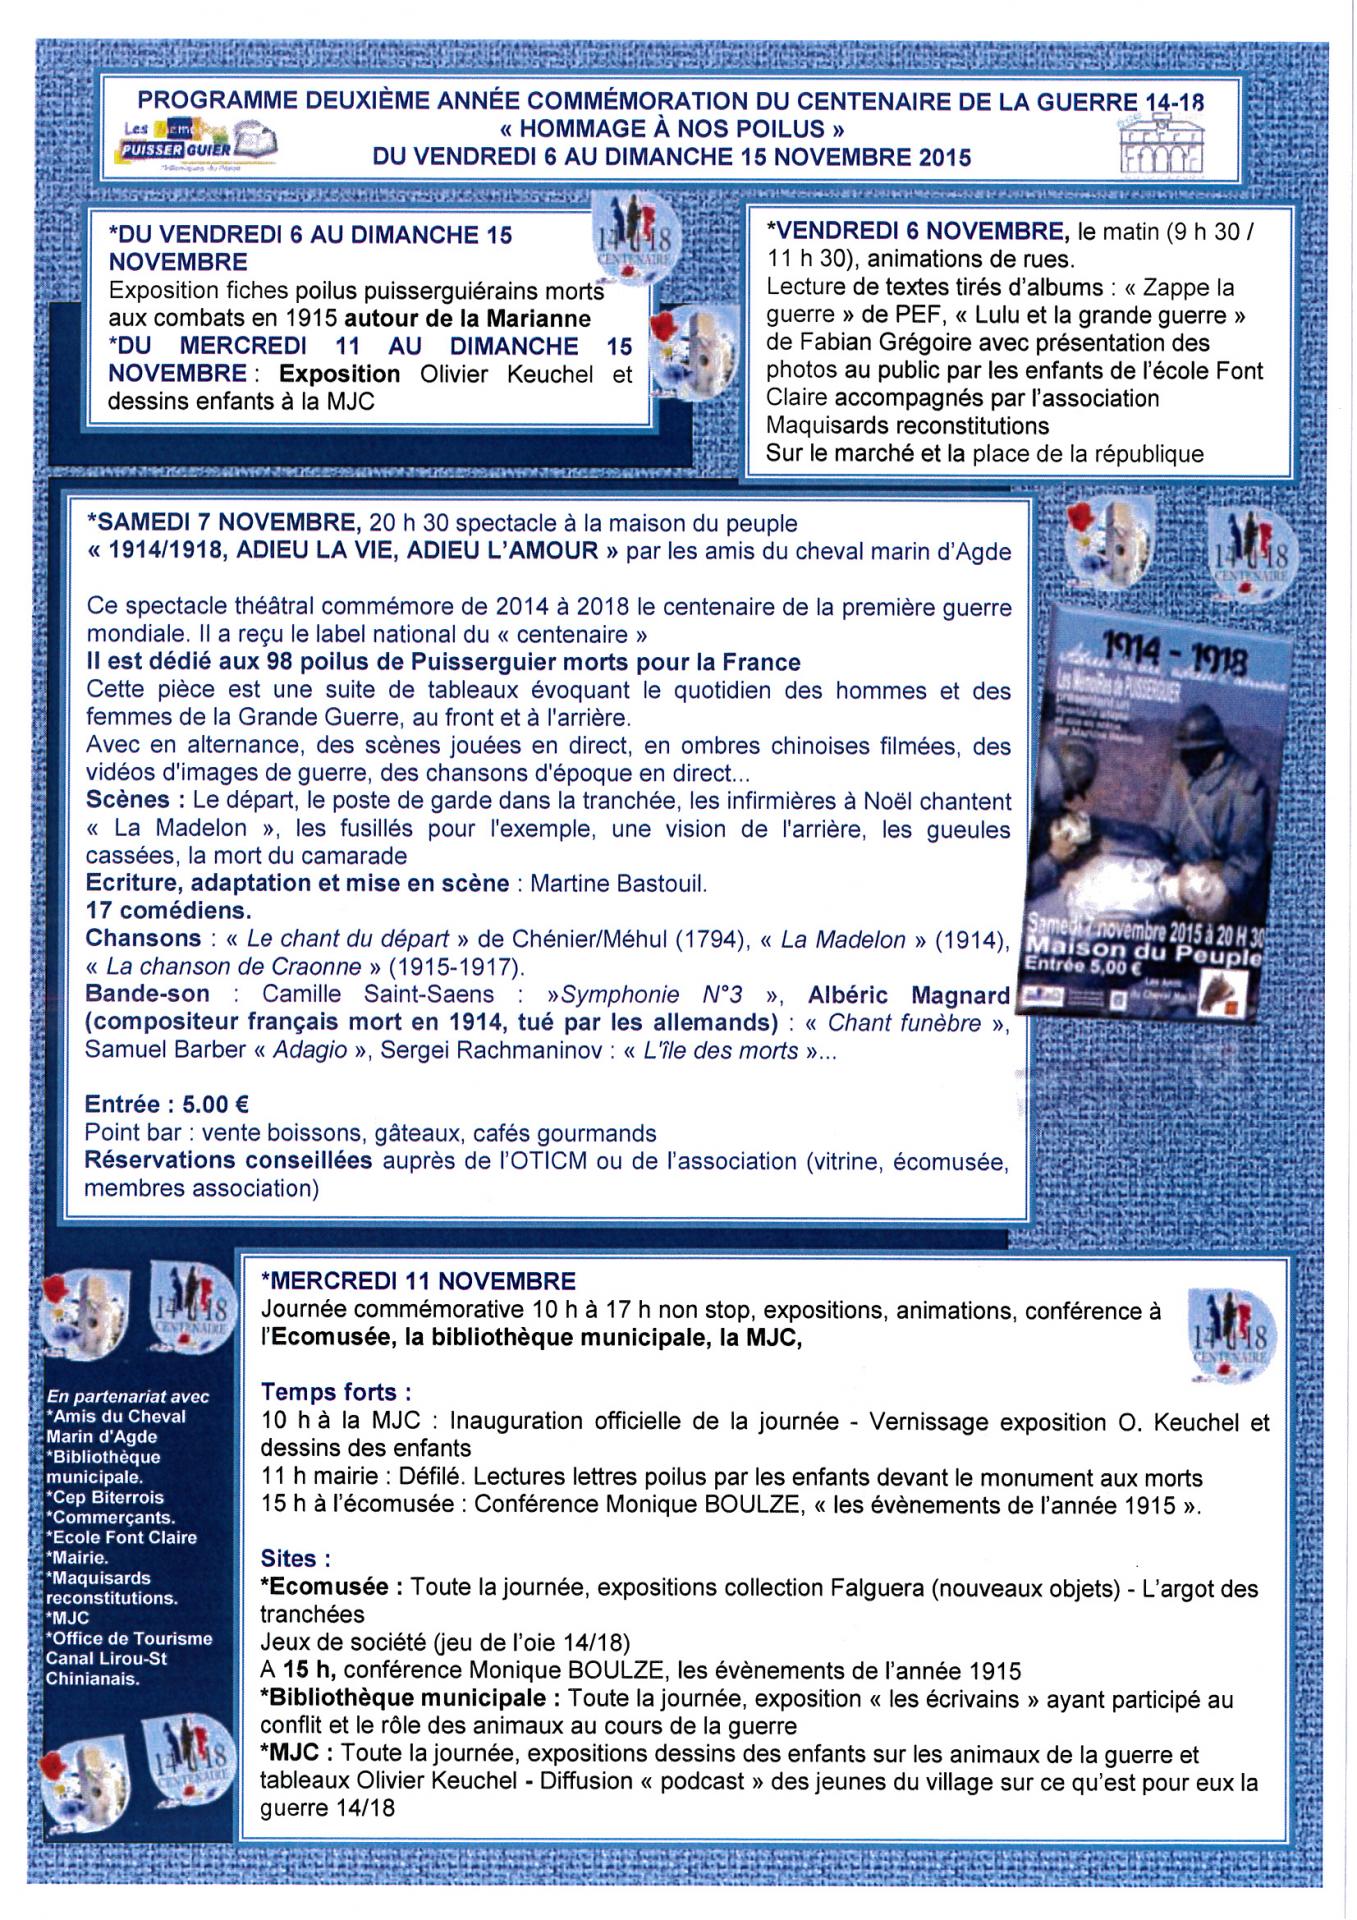 2015 11 06 programme commemoration guerre 14 18 puisserguier